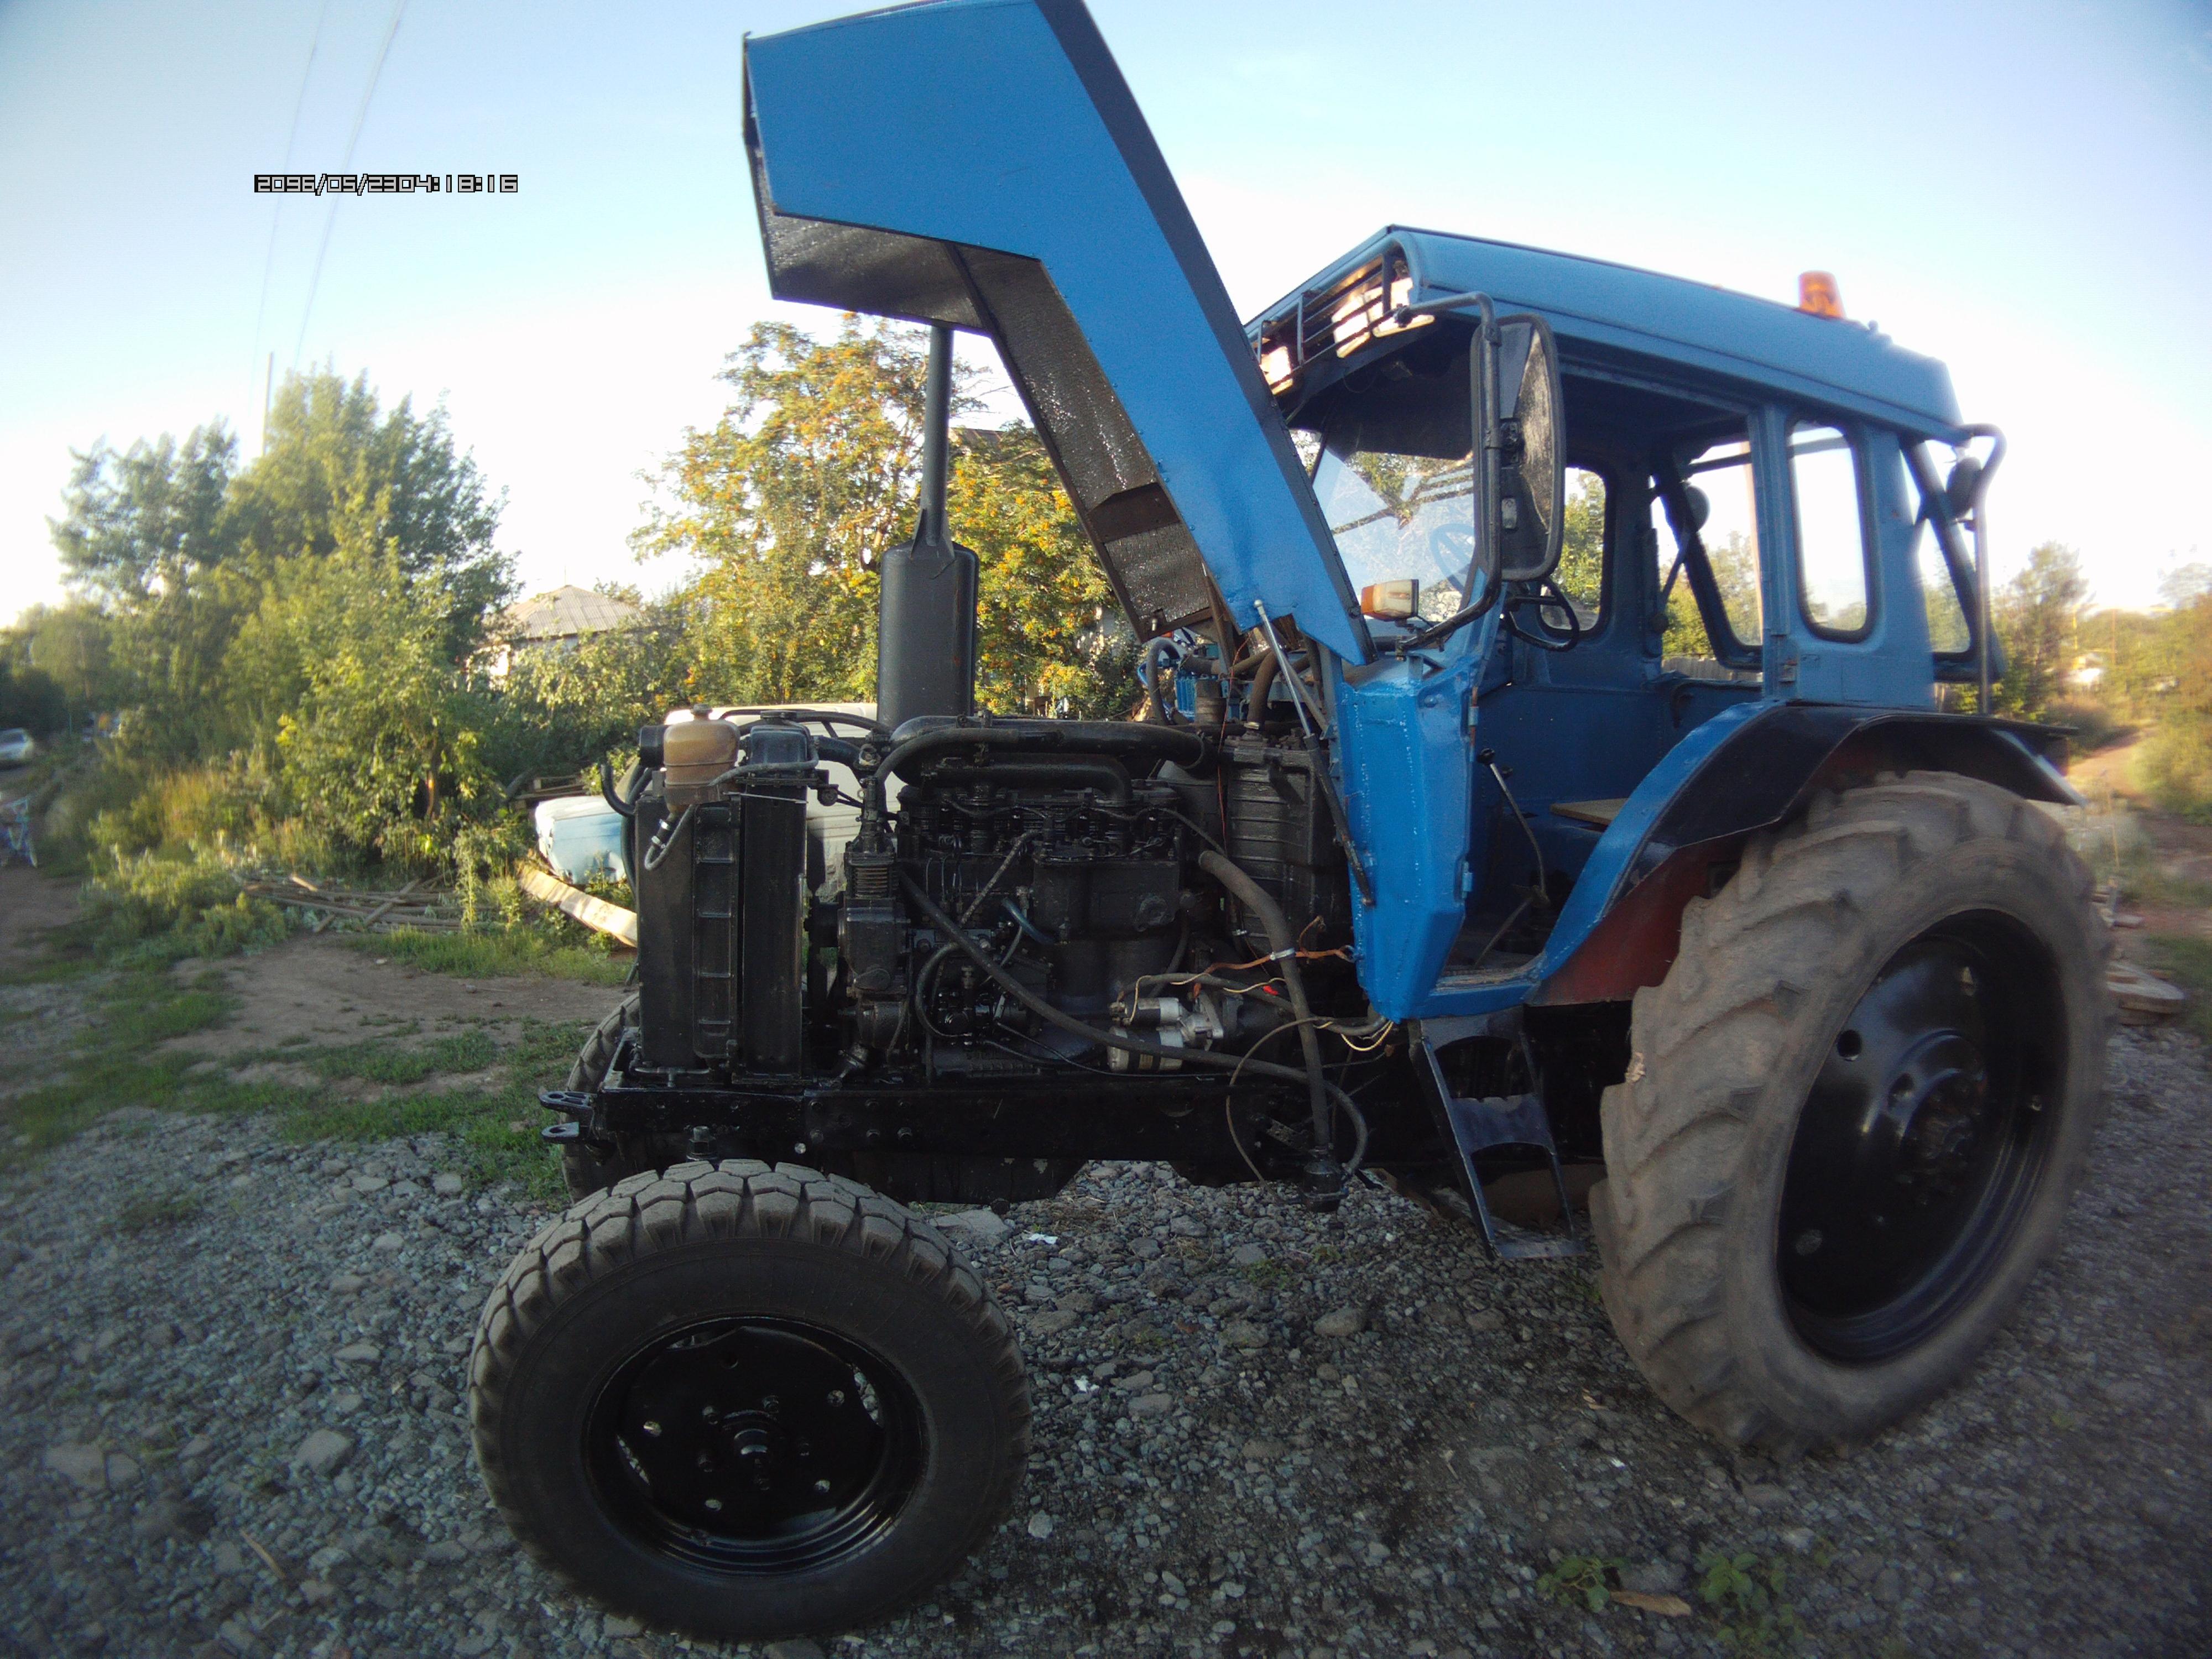 тюнинг трактора своими руками - YouTube